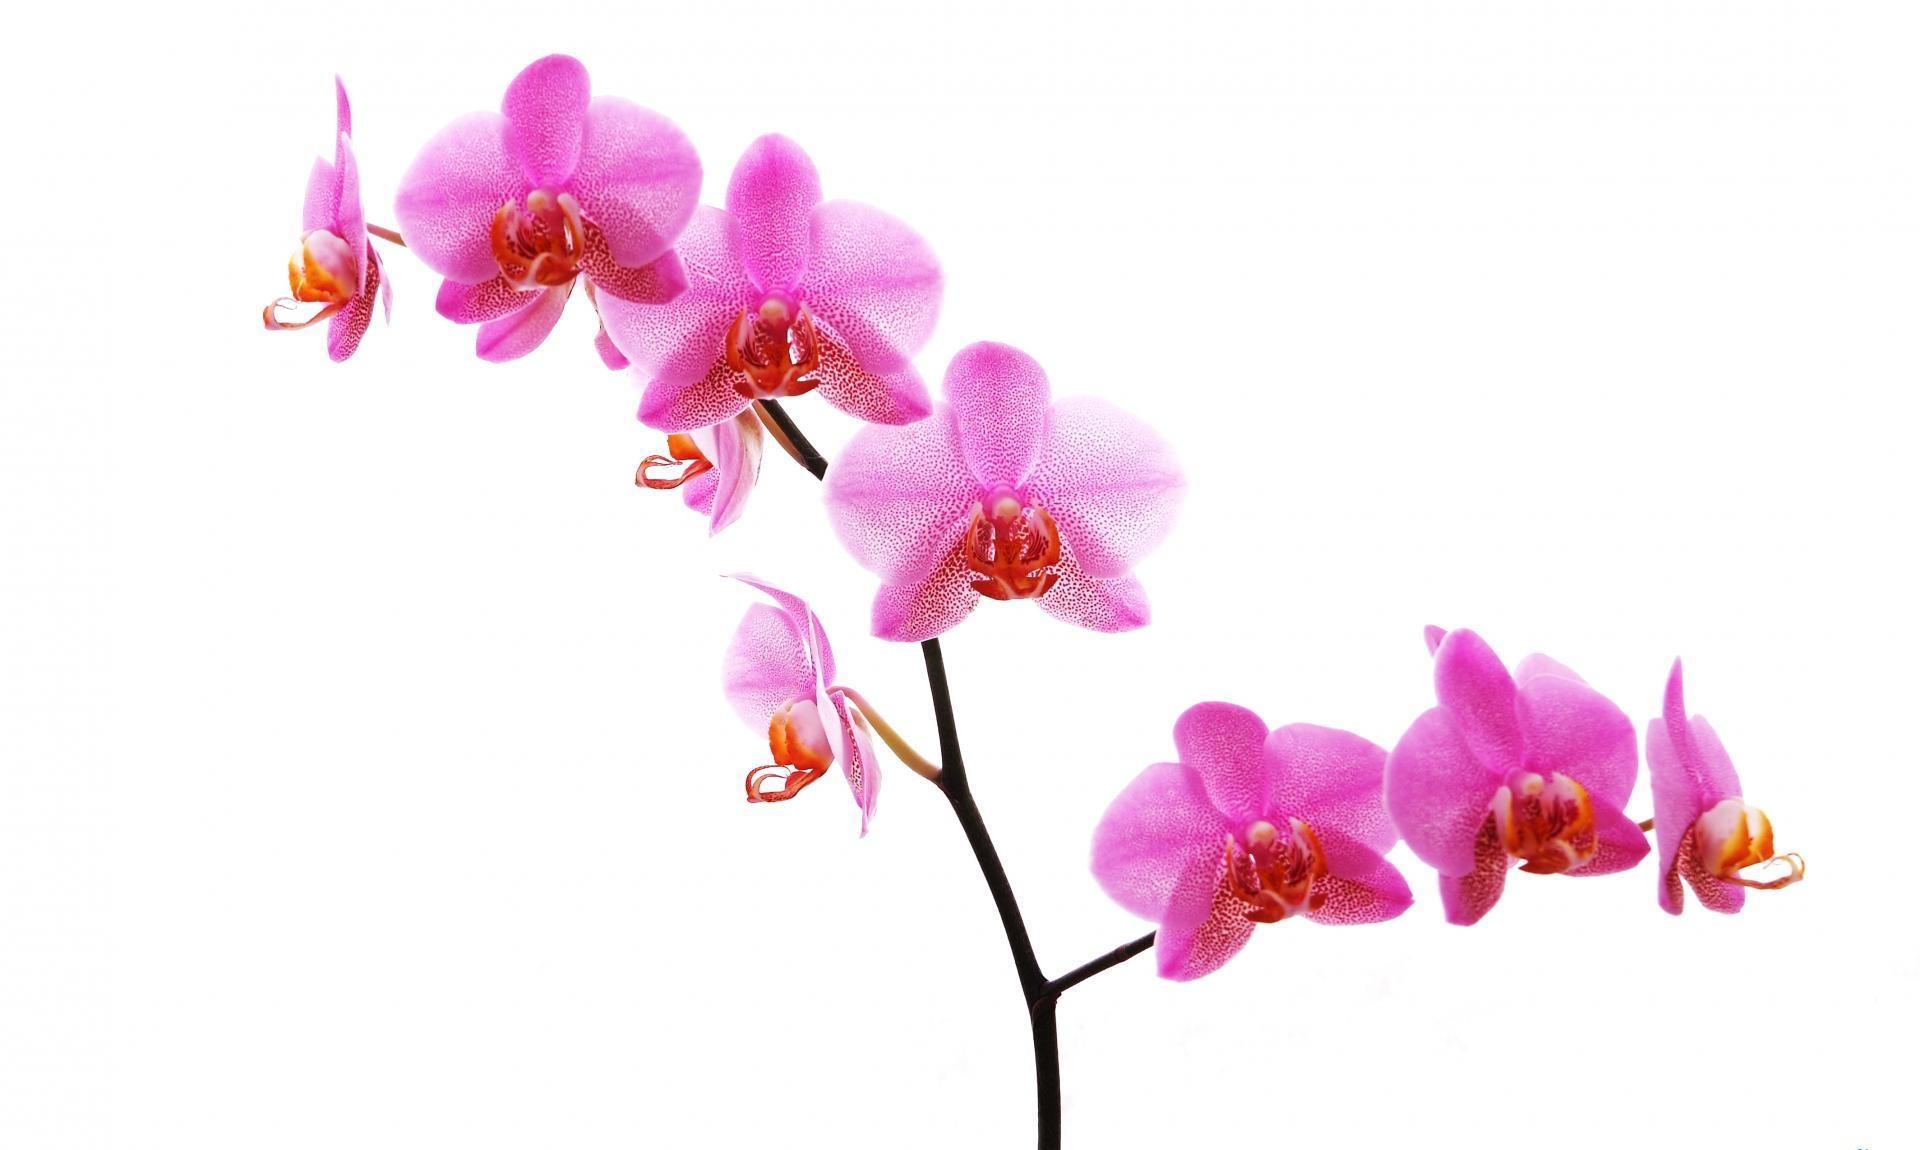 Hintergrundbilder orchidee blume zweig rosa - White orchid flowers desktop wallpapers ...